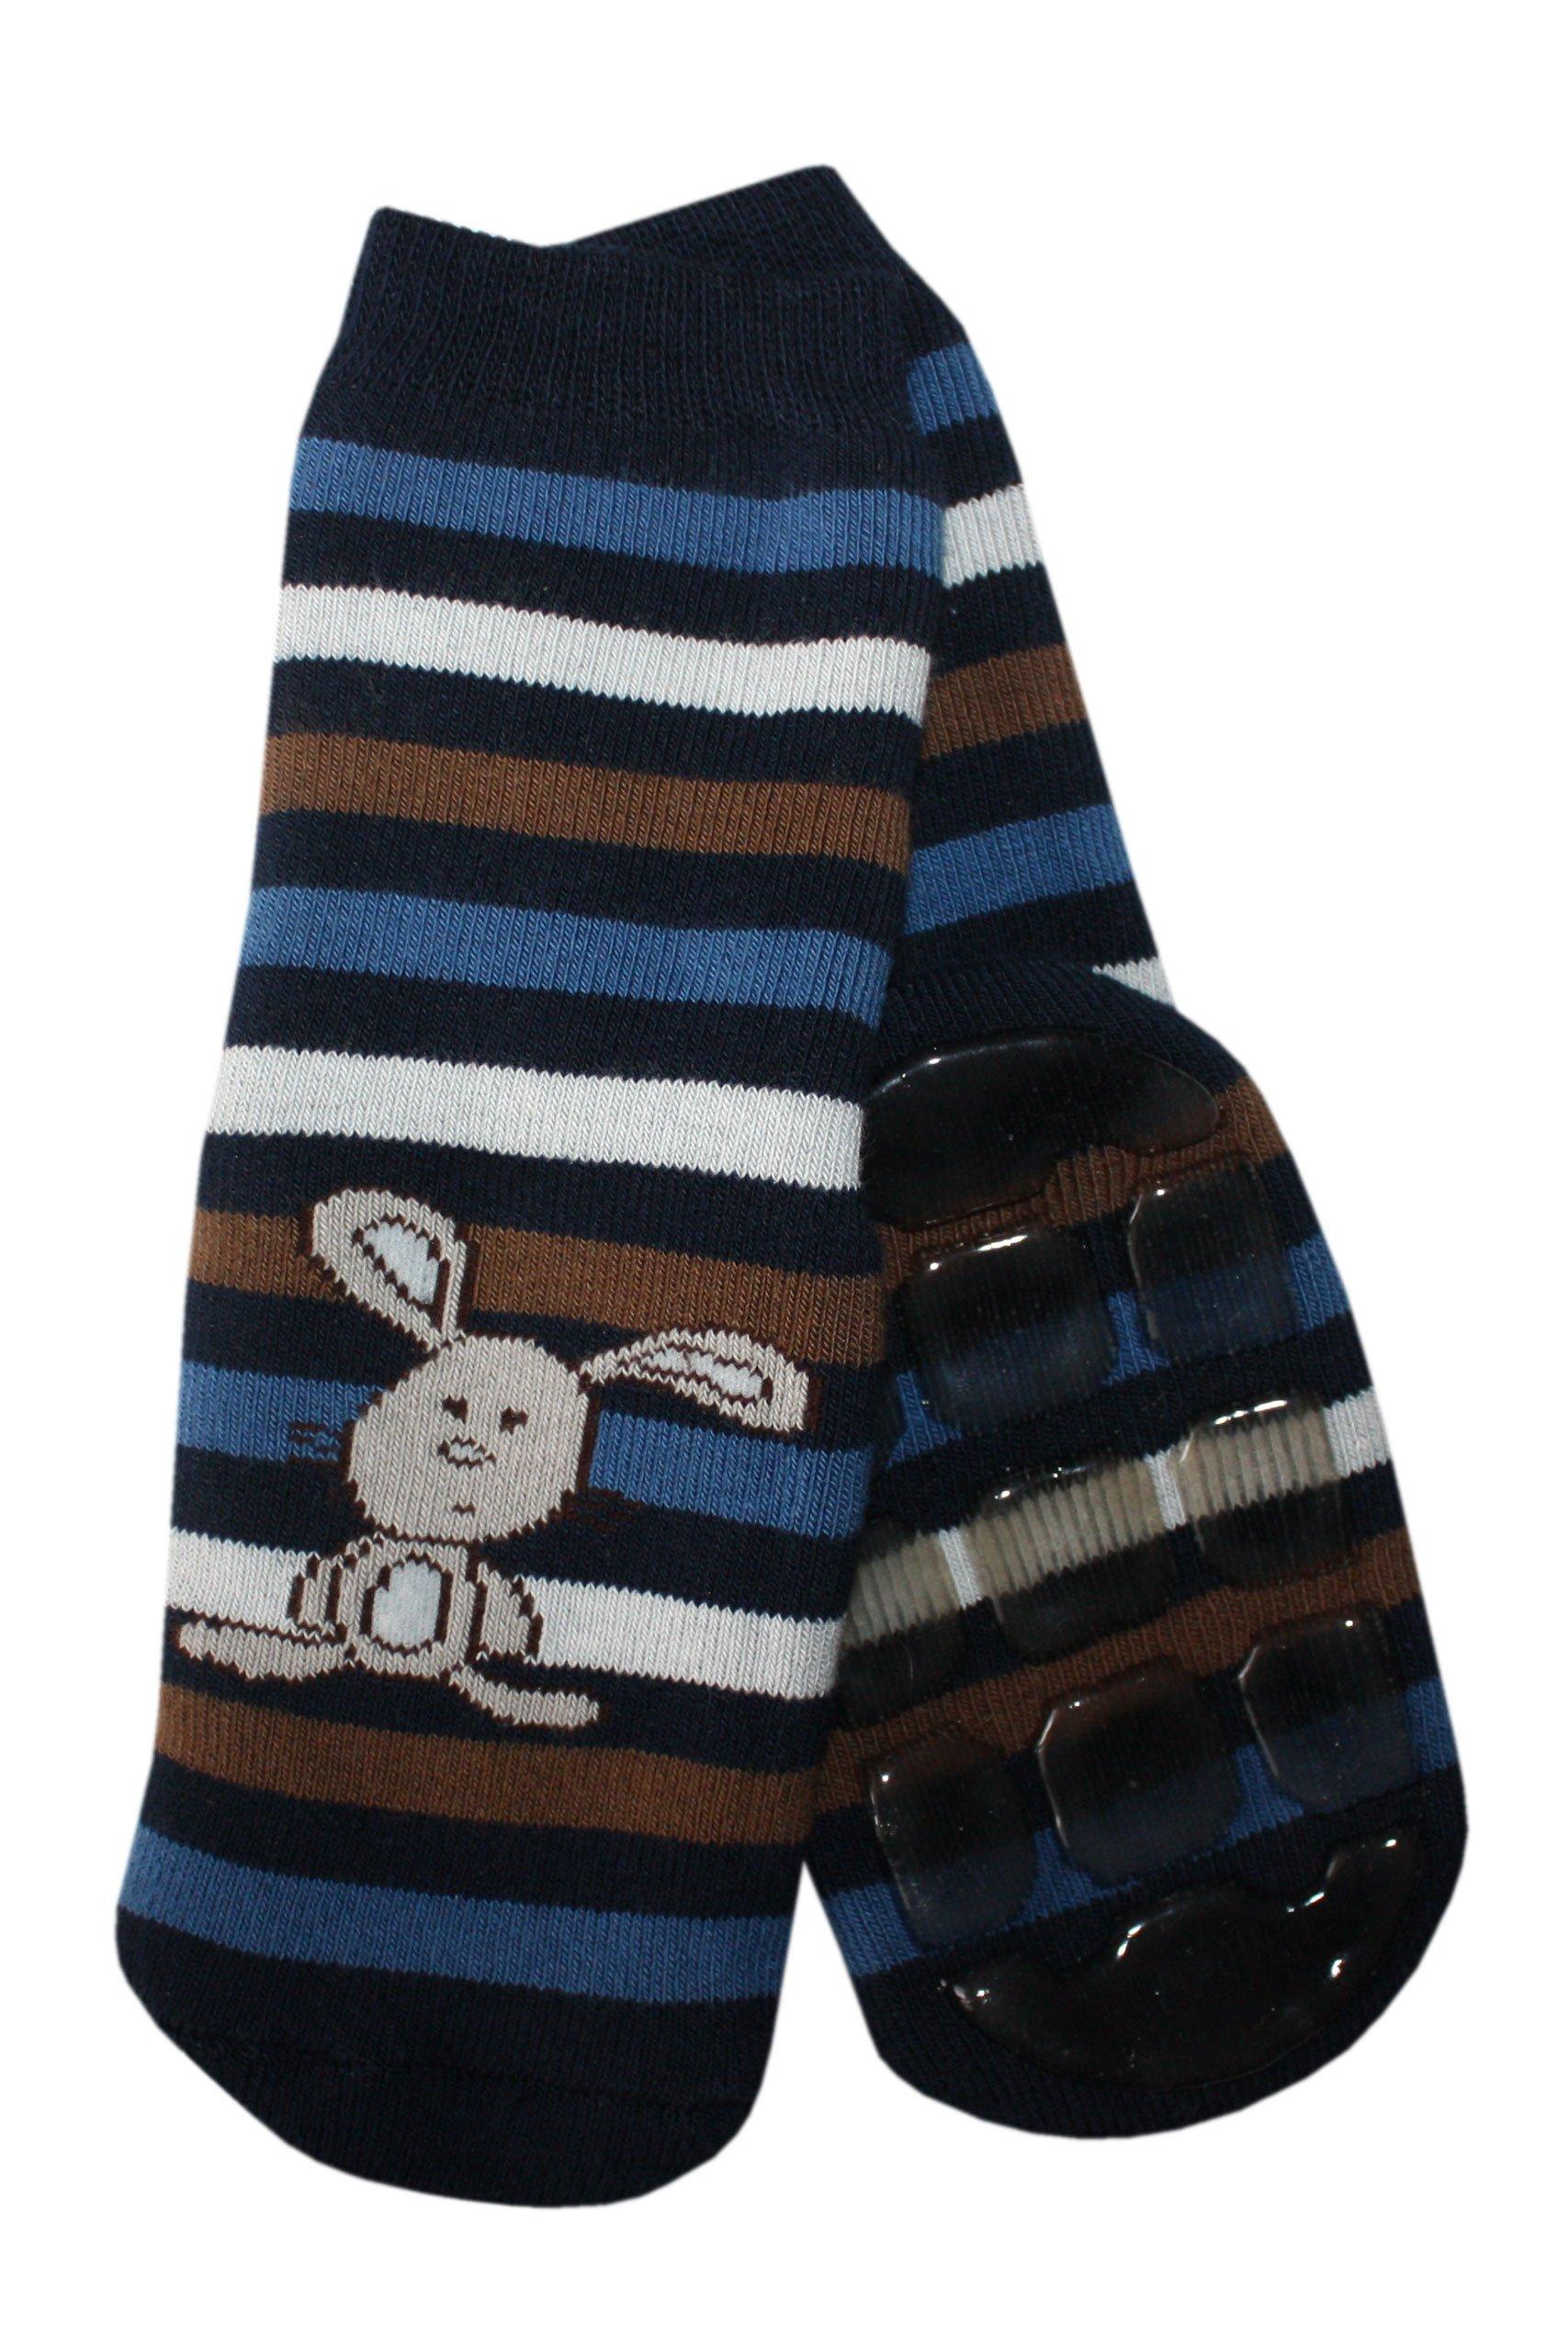 para mayor sujeci/ón en las rodillas dise/ño de conejo ABS con protecci/ón de rodilla extragrande Medias antideslizantes para beb/é Weri Spezials